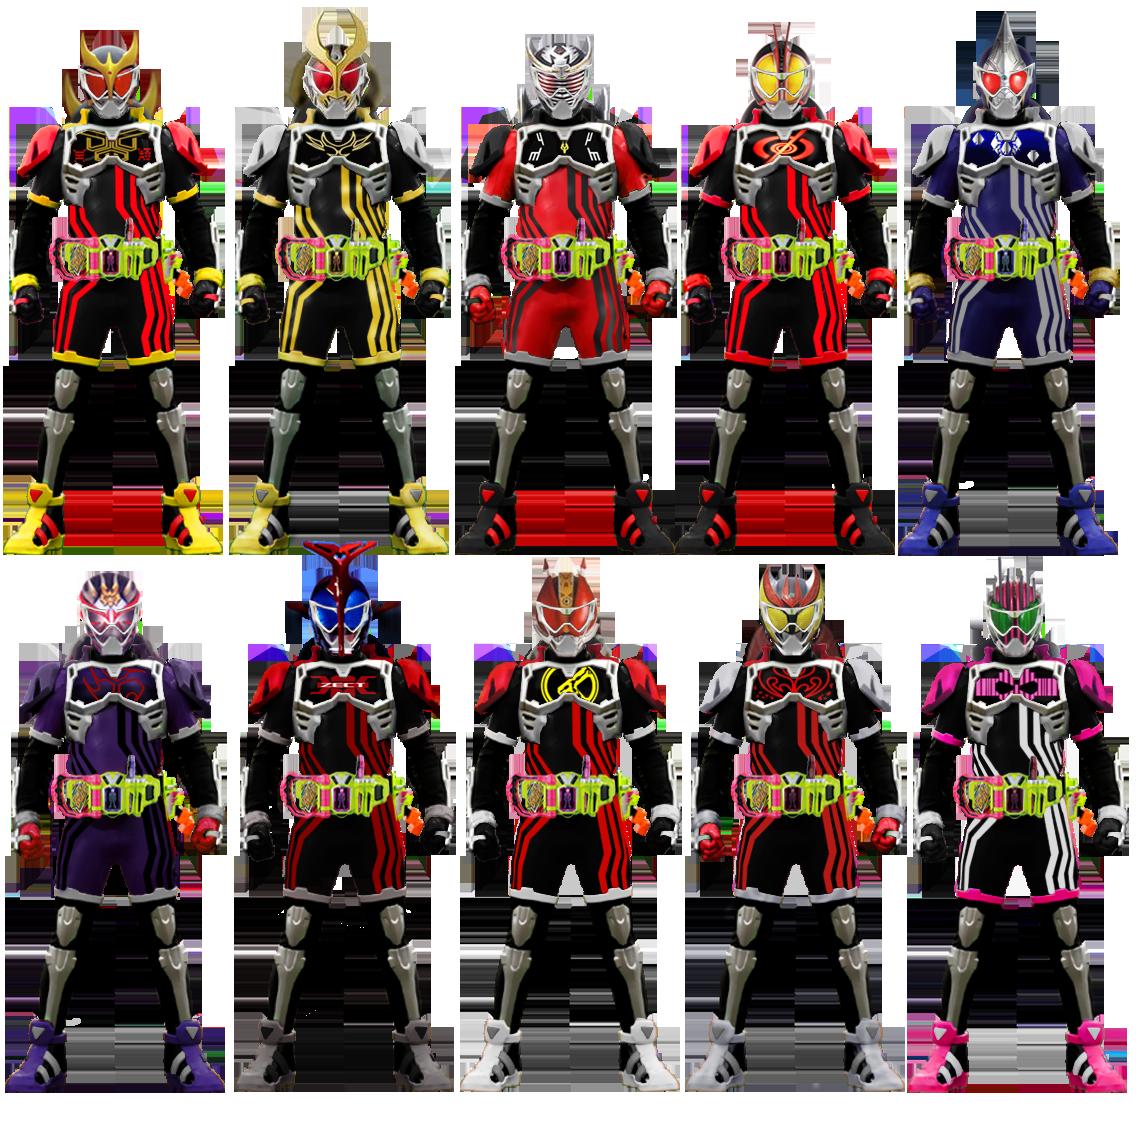 Kamen Rider Ex-Aid Heisei I Form By Tuanenam On DeviantArt